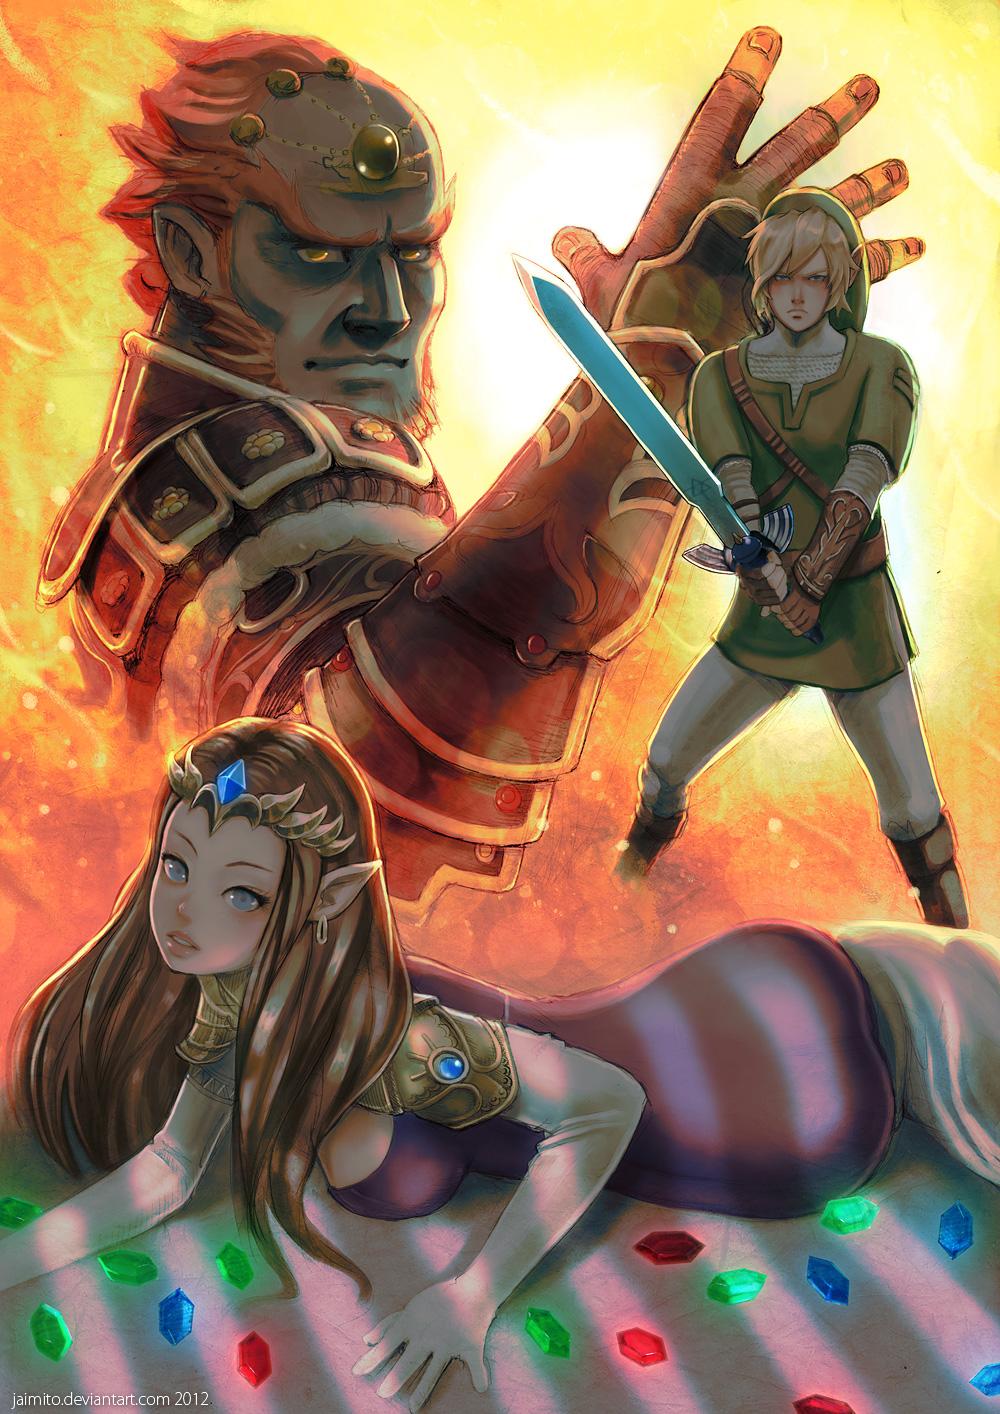 Zelda Ganon and Link